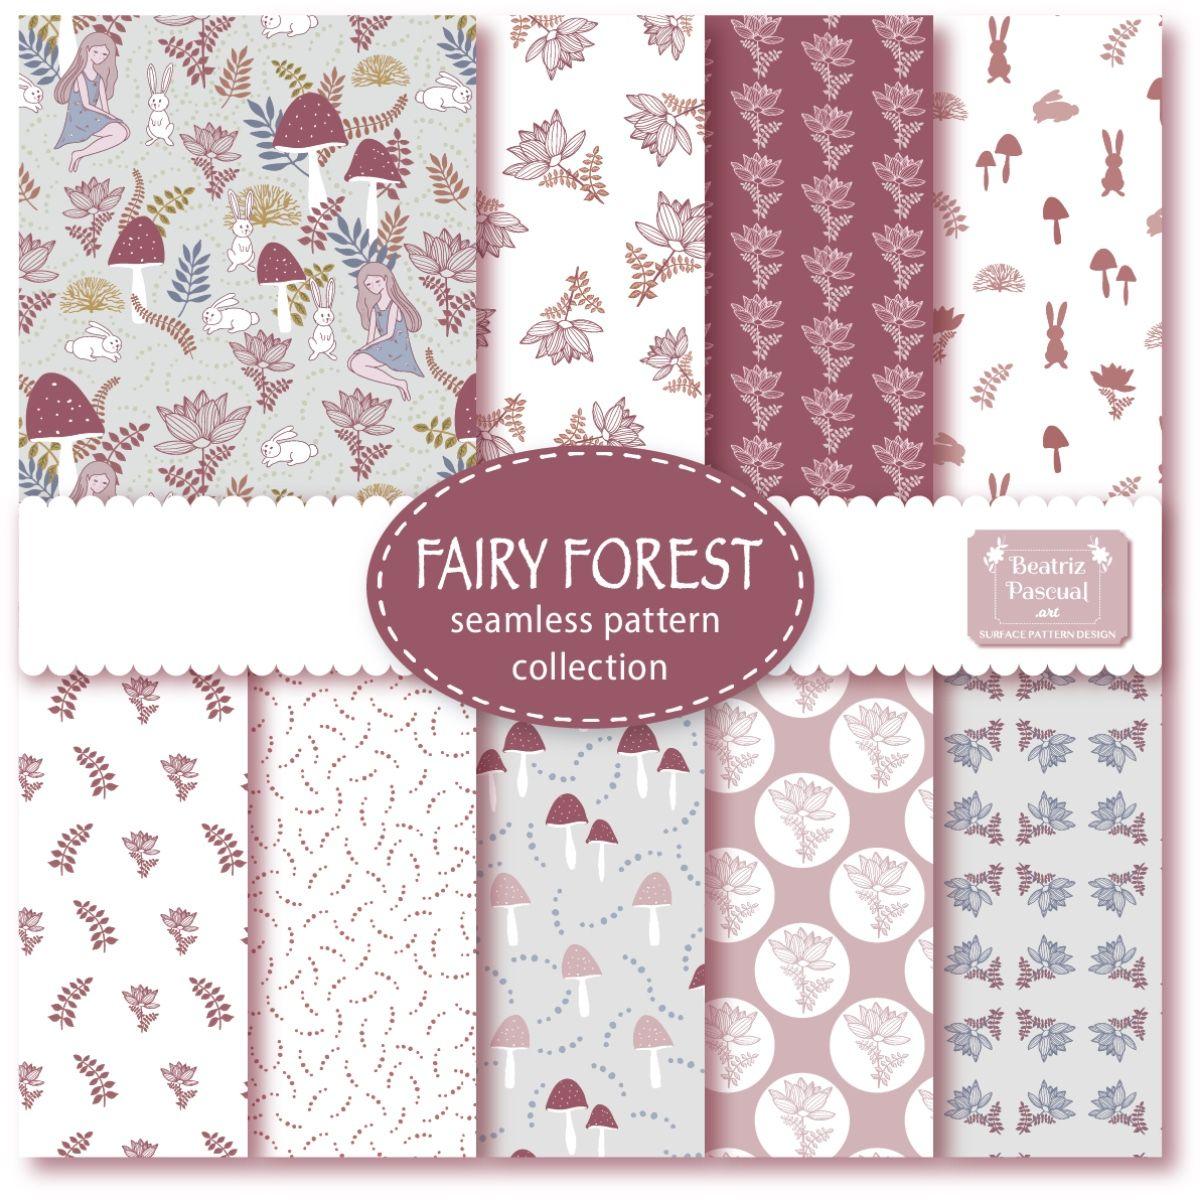 Colección de pattern florales y de fantasía, inspirado en bosques y hadas  #pattern #surfacepattern #vectorpatterns #patternslover #seamlesspatterns #repeatpattern